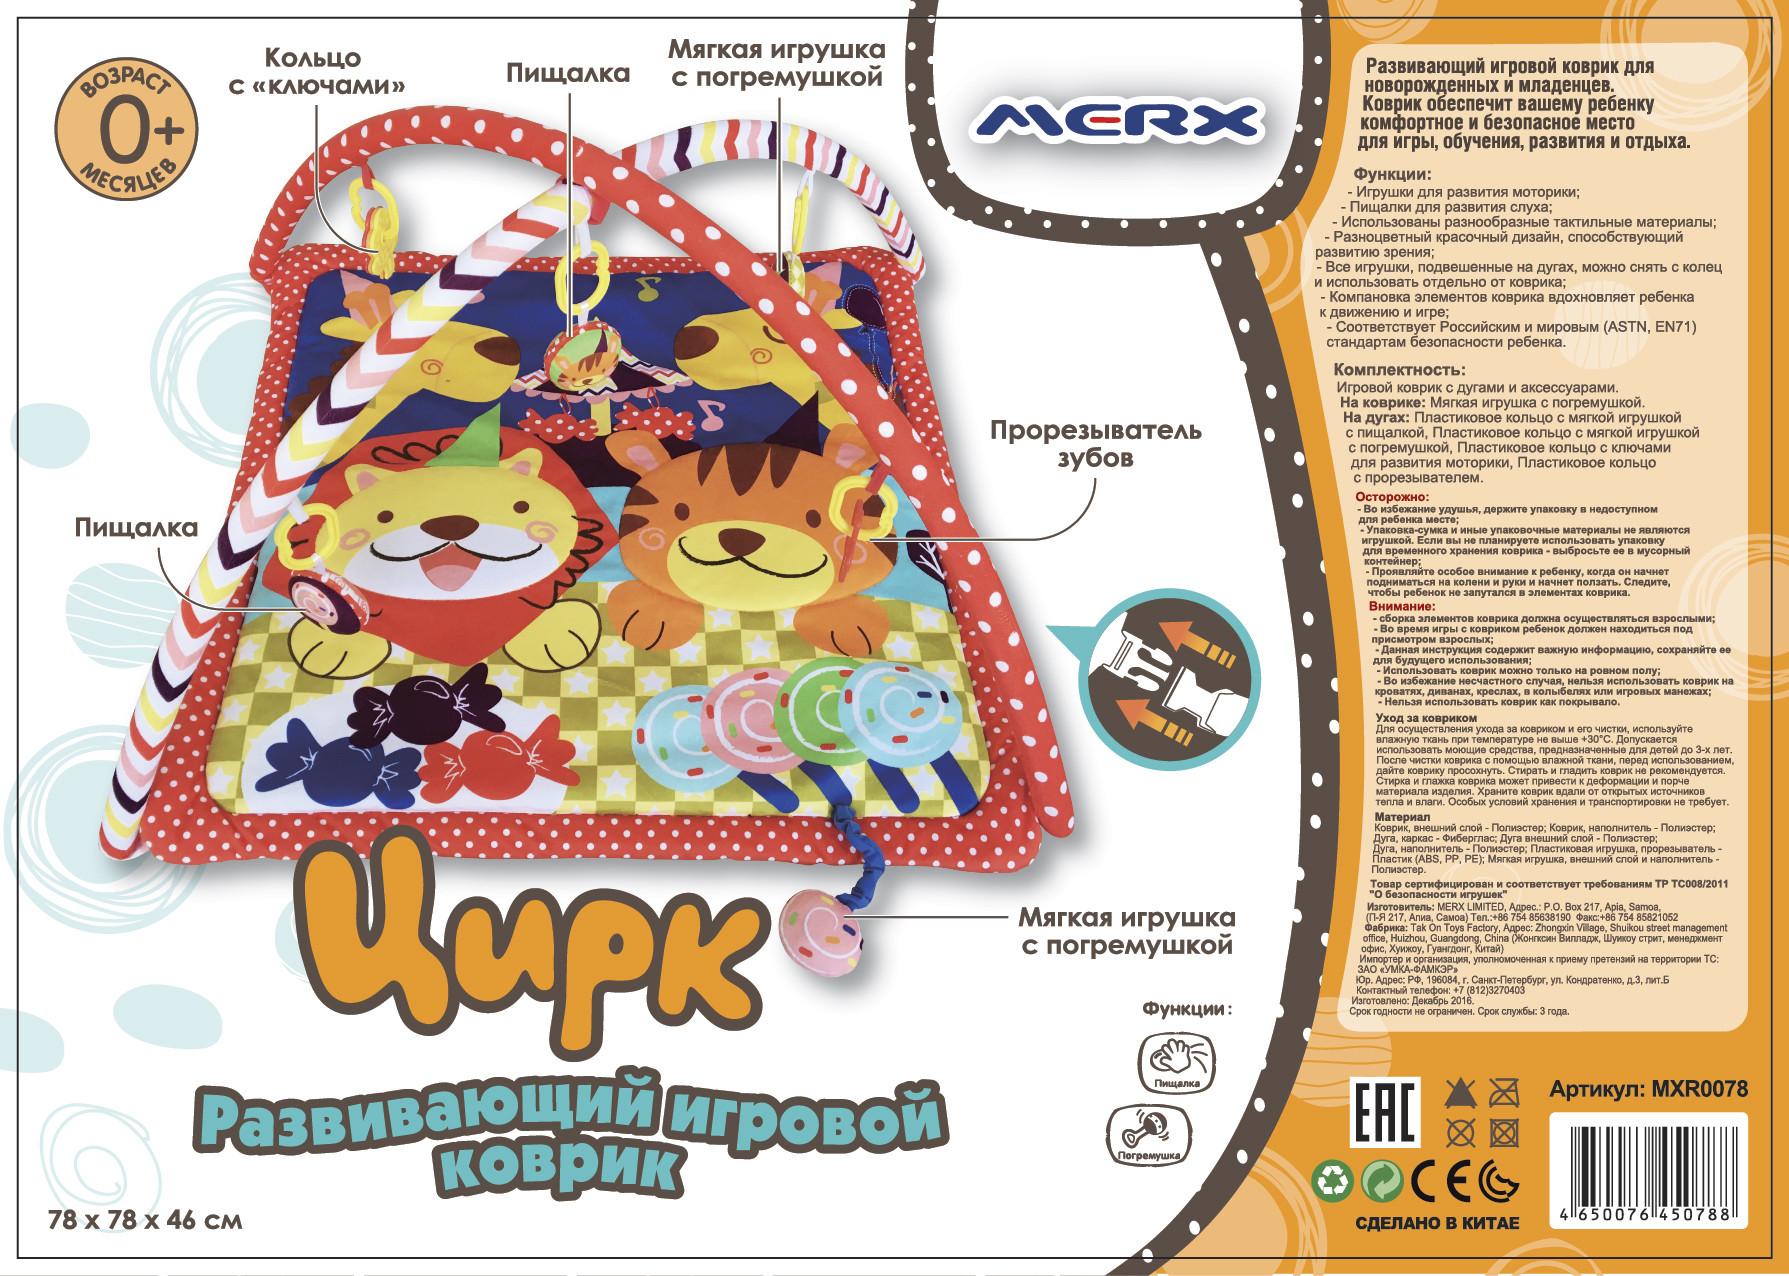 Купить Развивающий коврик, Цирк, 1шт., MERX MXR0078, Китай, многоцветный